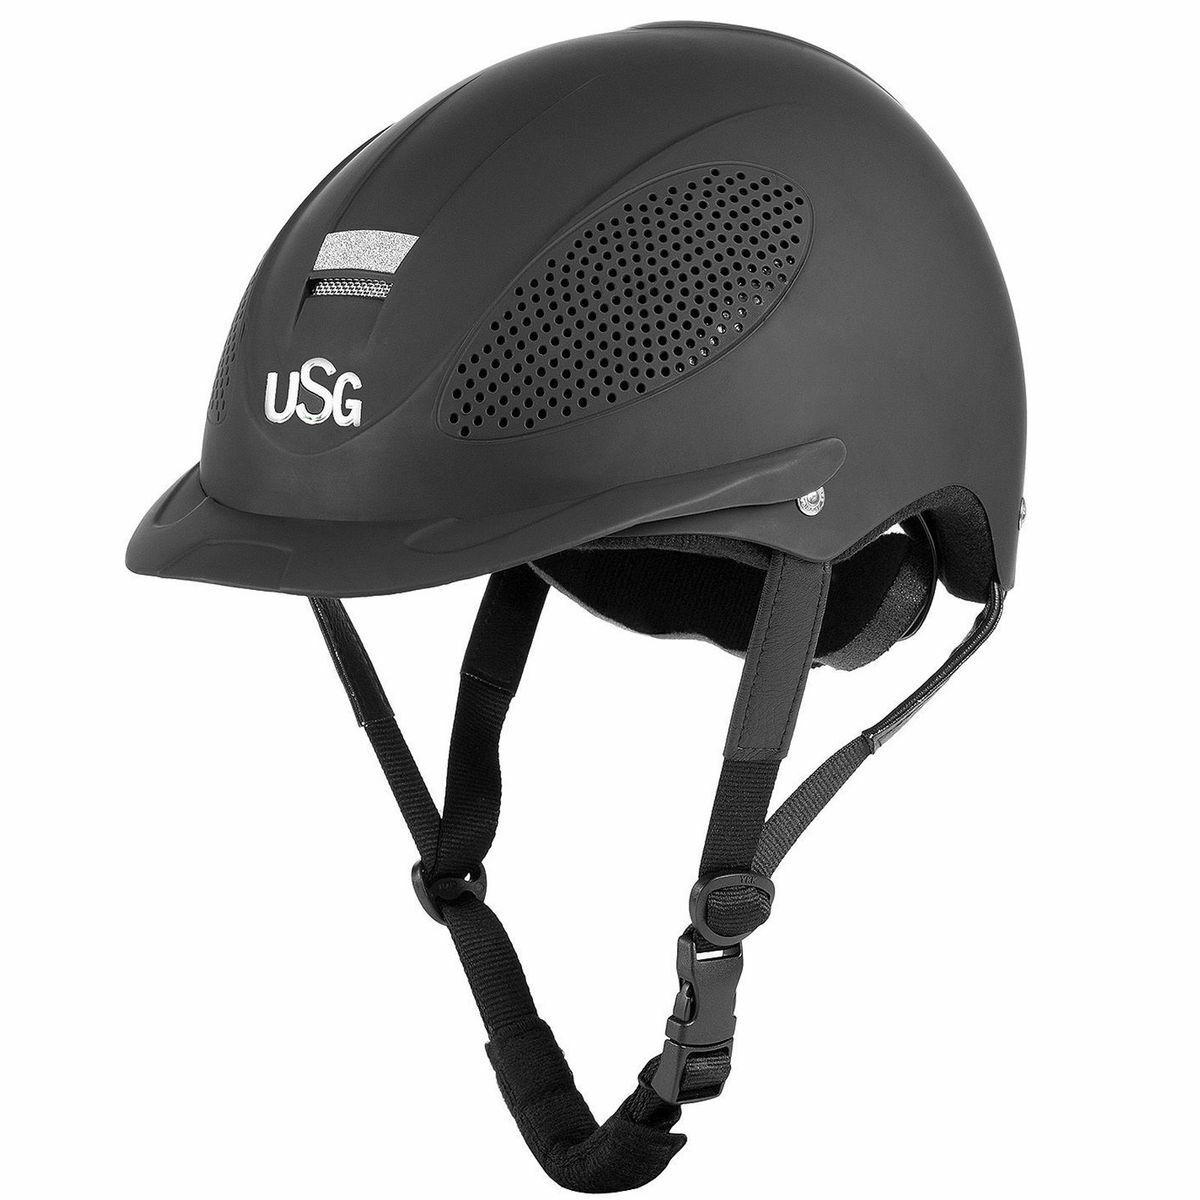 USG Reithelm Comfort Training VG01 mit Glitzer und Drehknopfverschluß 4-Punkt